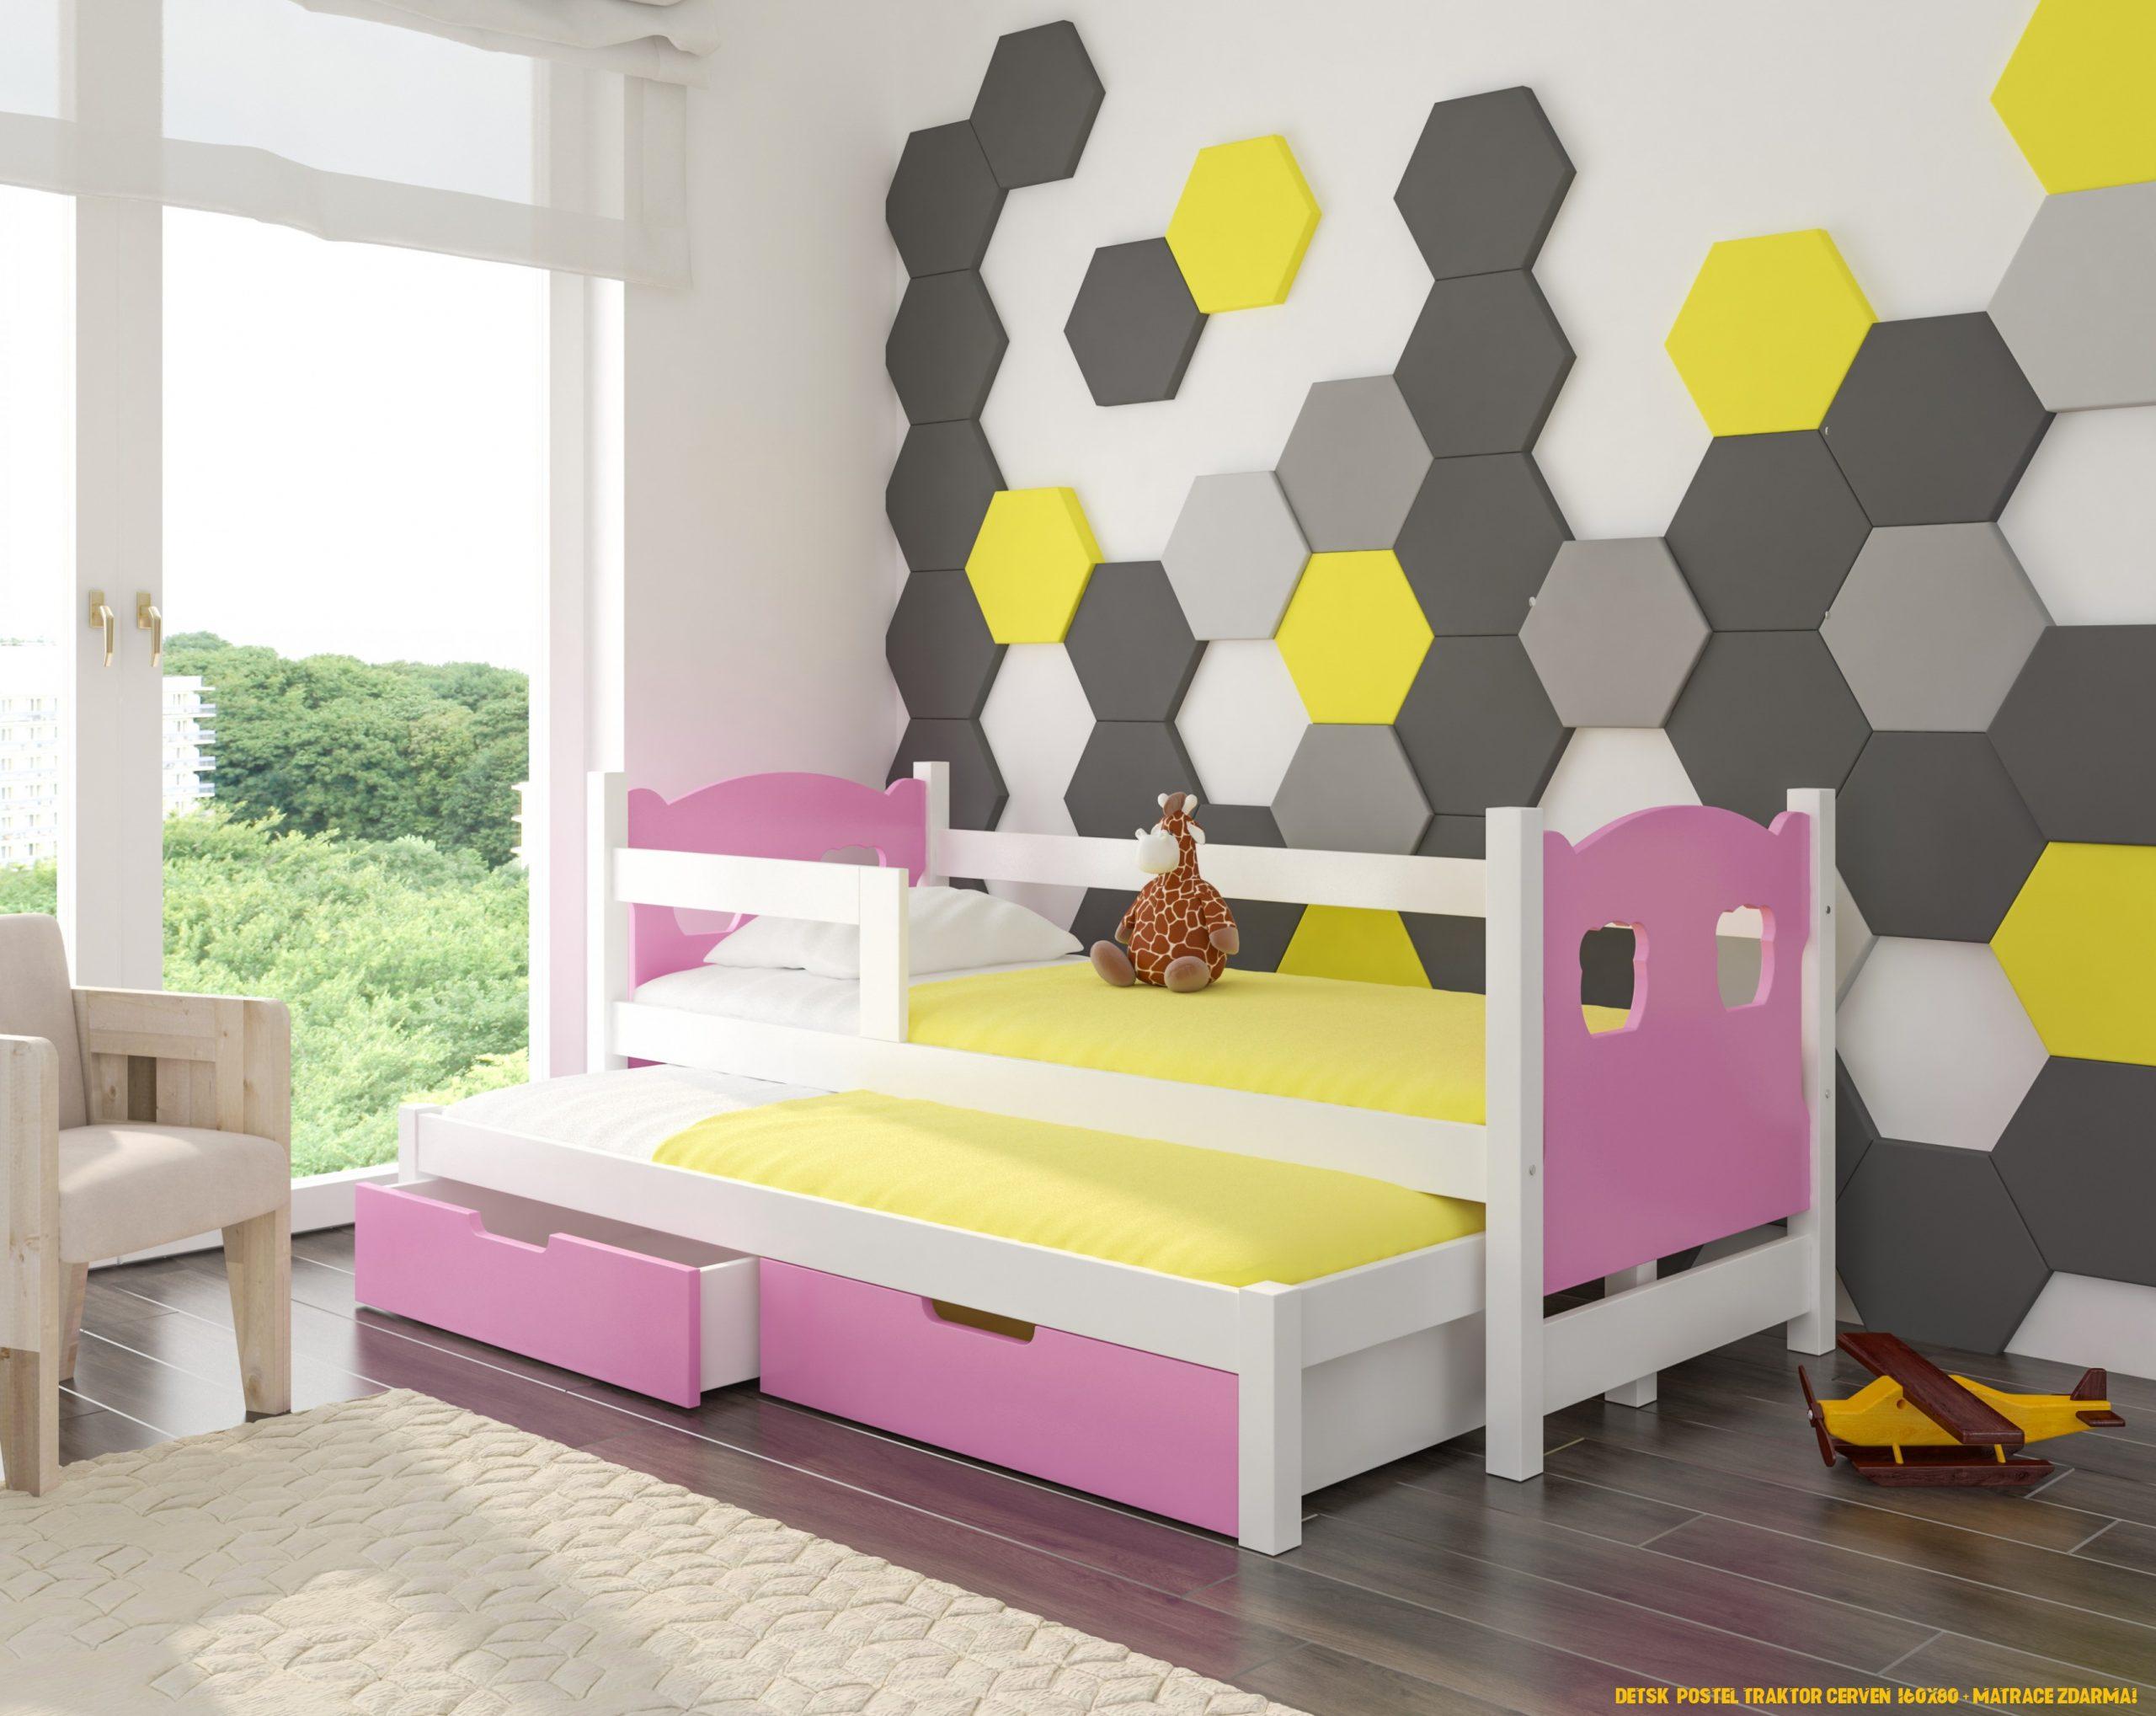 Stohovatelna postel pro deti | NEJRYCHLEJŠÍ.CZ